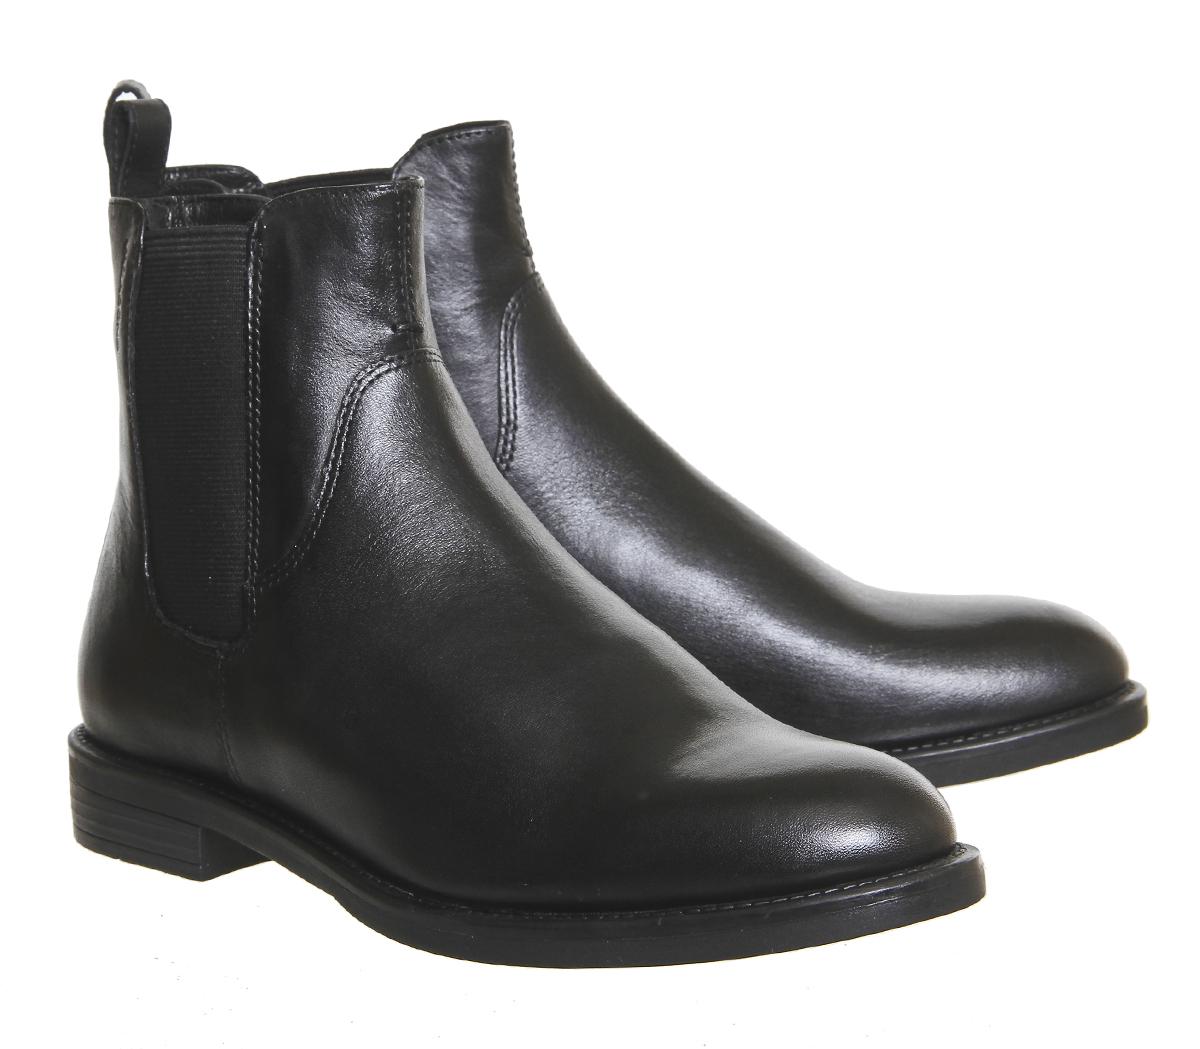 Grandes zapatos con descuento Mujer Vagabond AMINA BOTINES BOTAS DE CUERO NEGRO